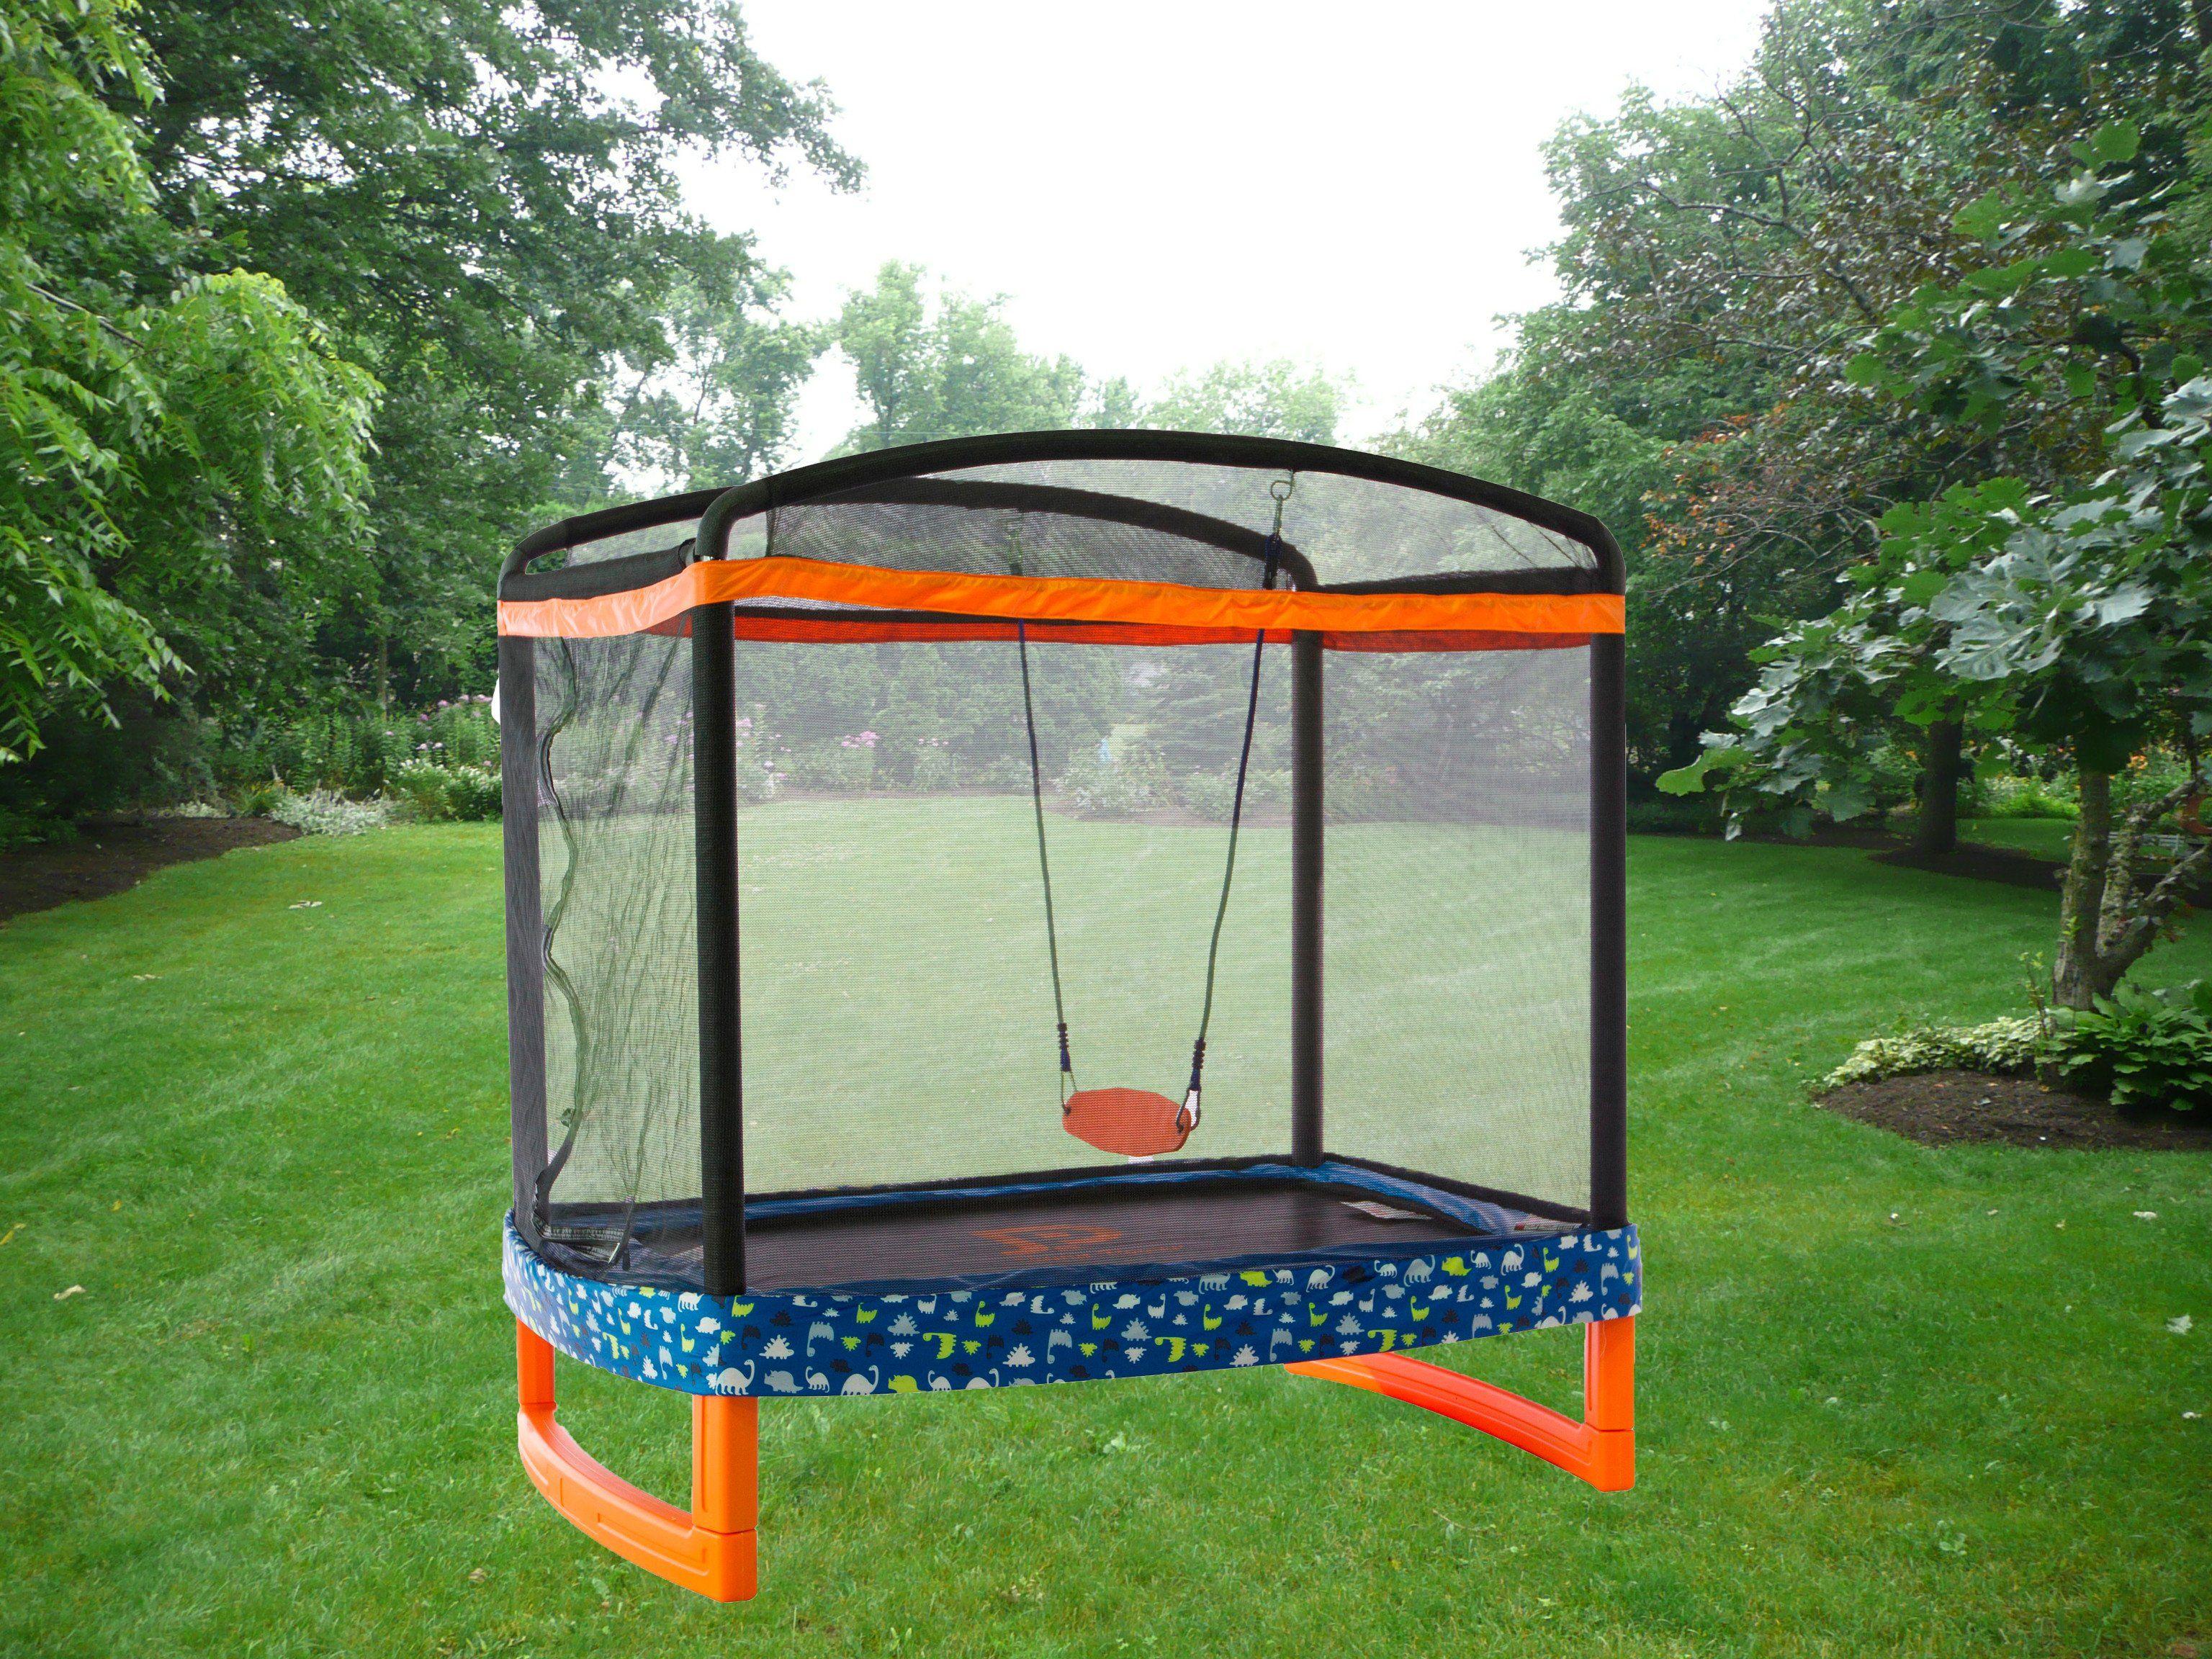 72 x 50 indooroutdoor trampoline combo with swing astm